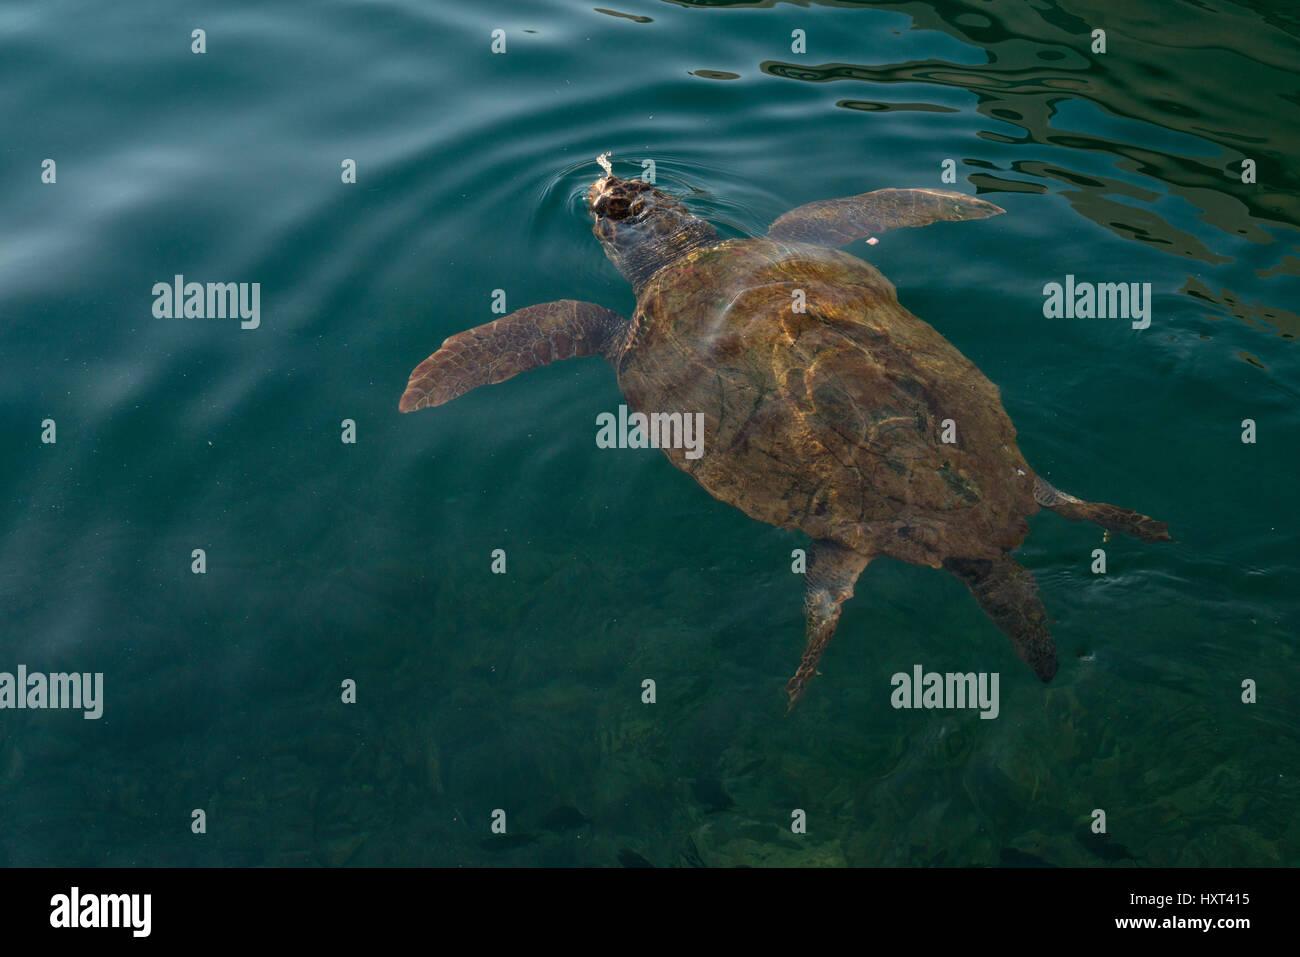 Große Schildkröte Schwimmt ein Dunkelgrüner Wasseroberfläche, Insel Kastellorizo, Dodekanes, Stockbild